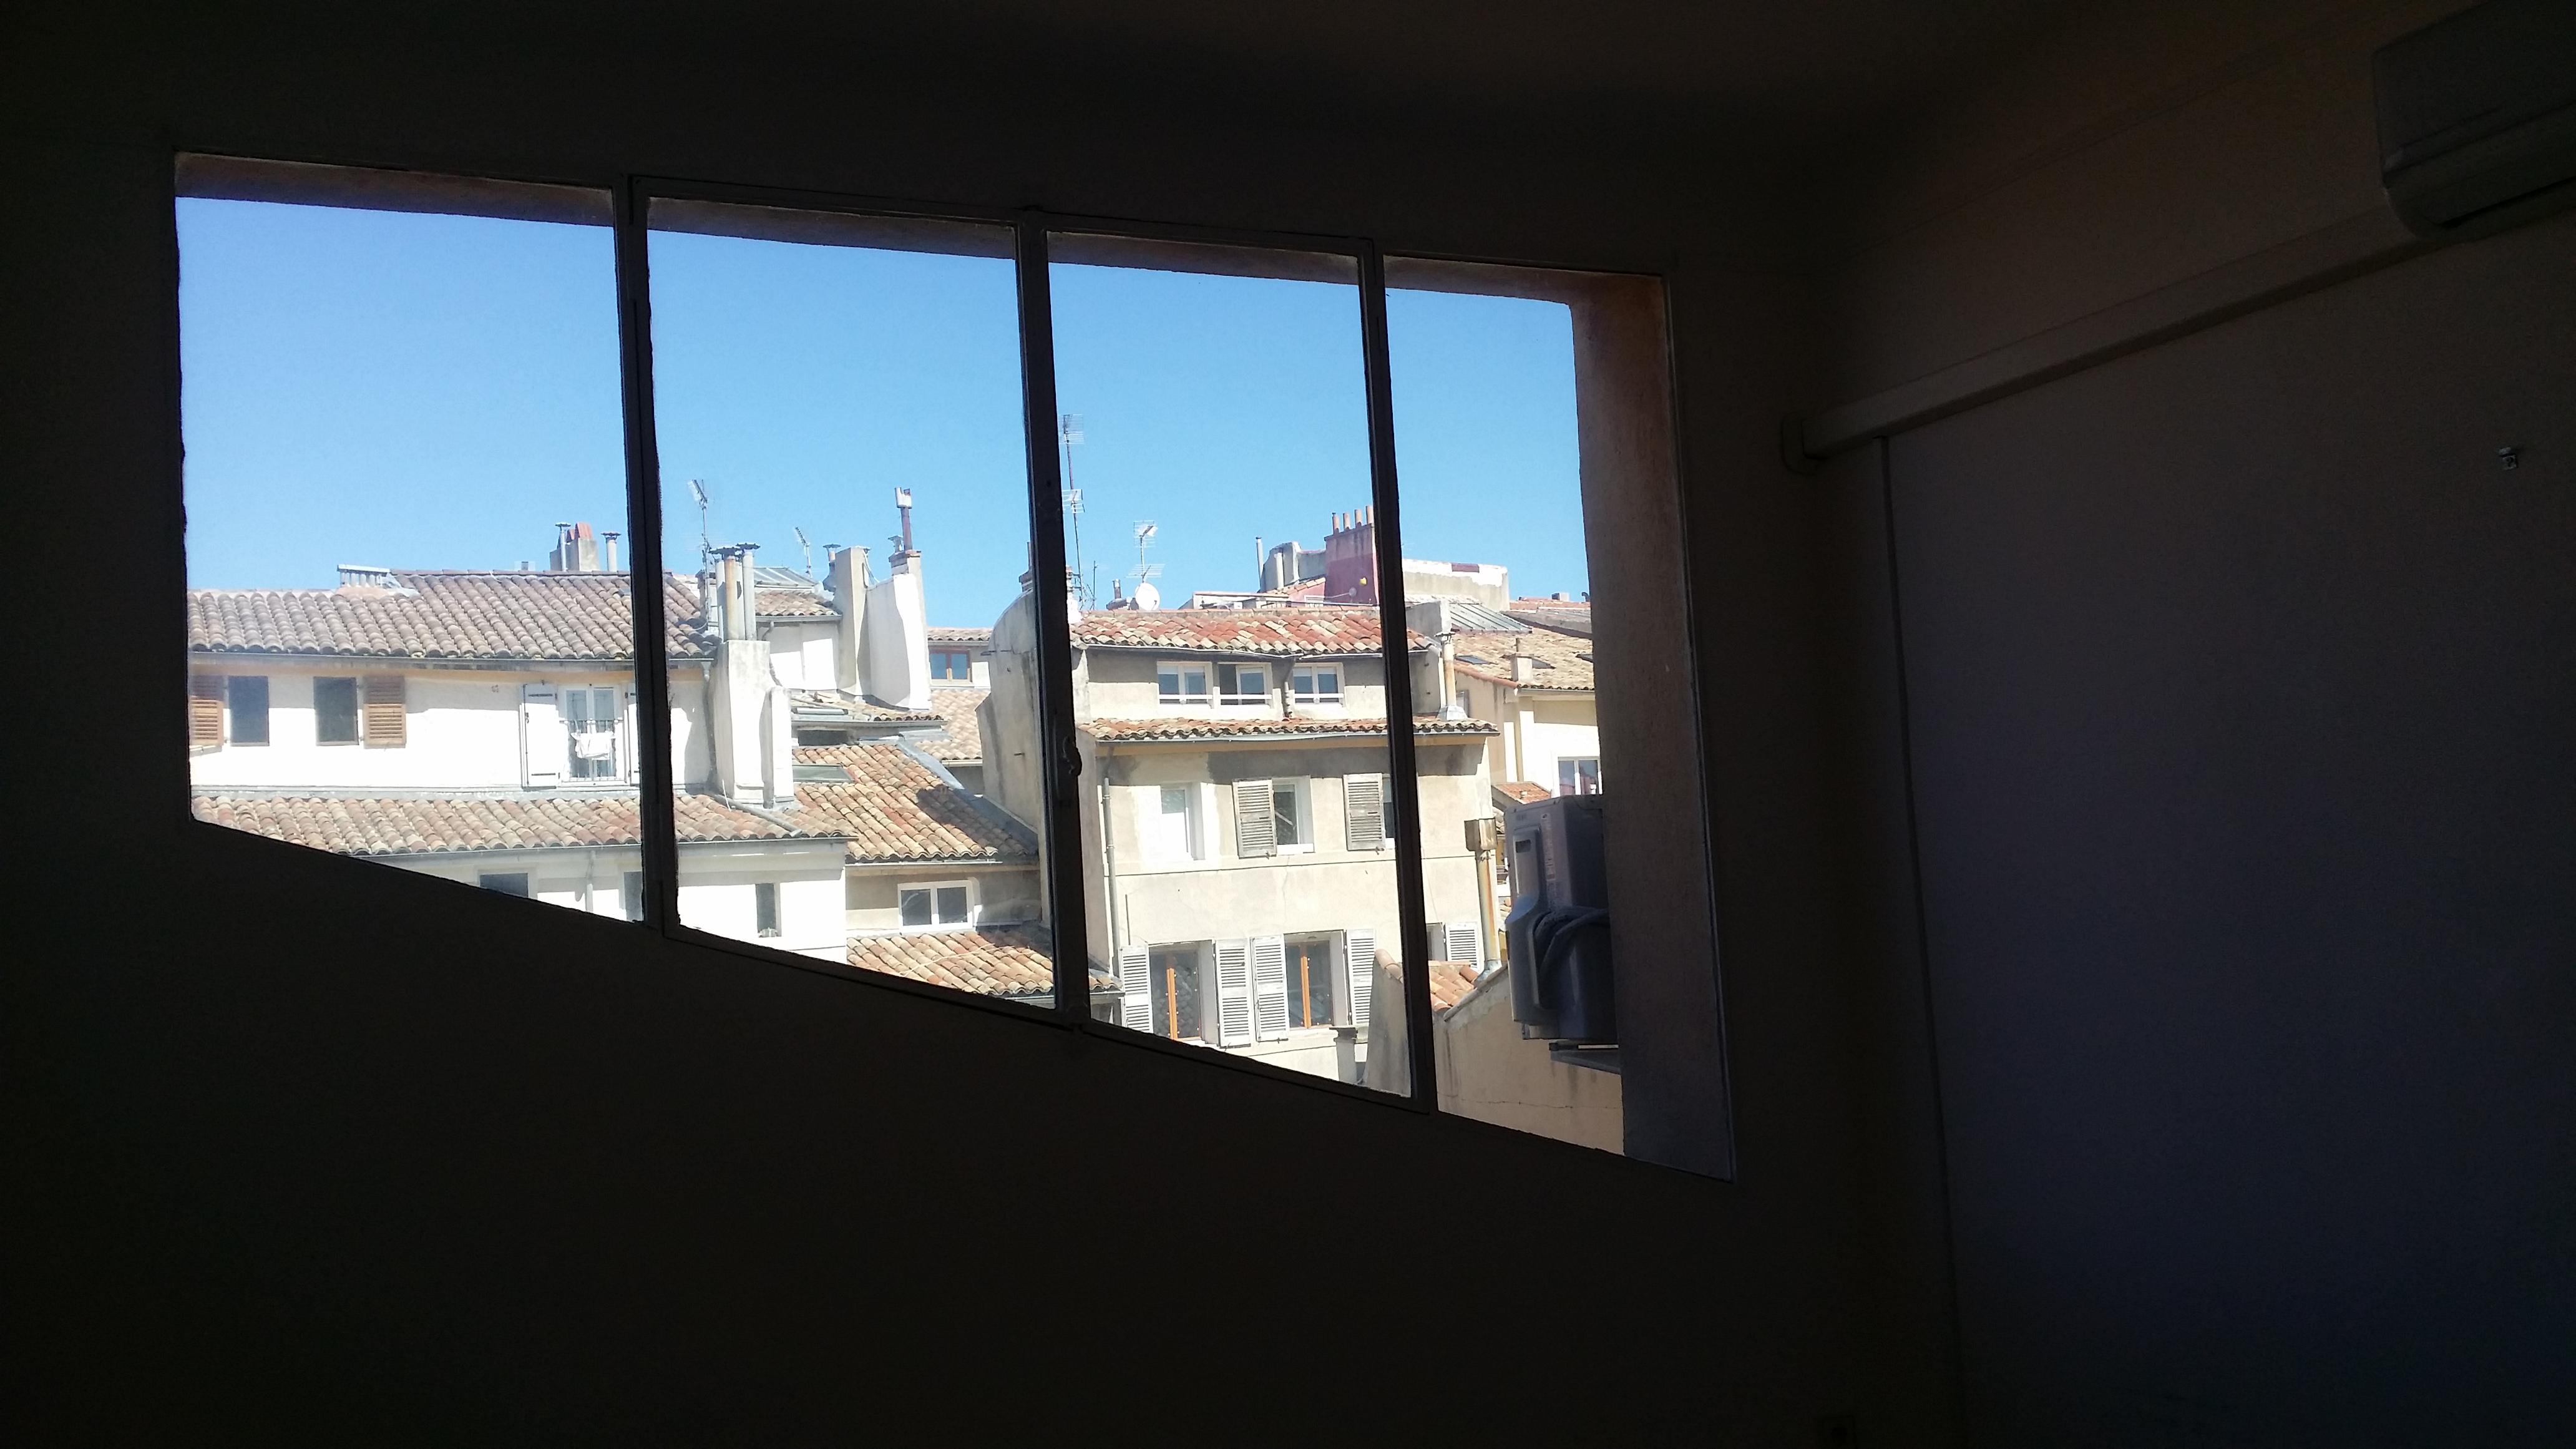 Aix en provence agrada agence immobili re - Bureau de change aix en provence cours mirabeau ...